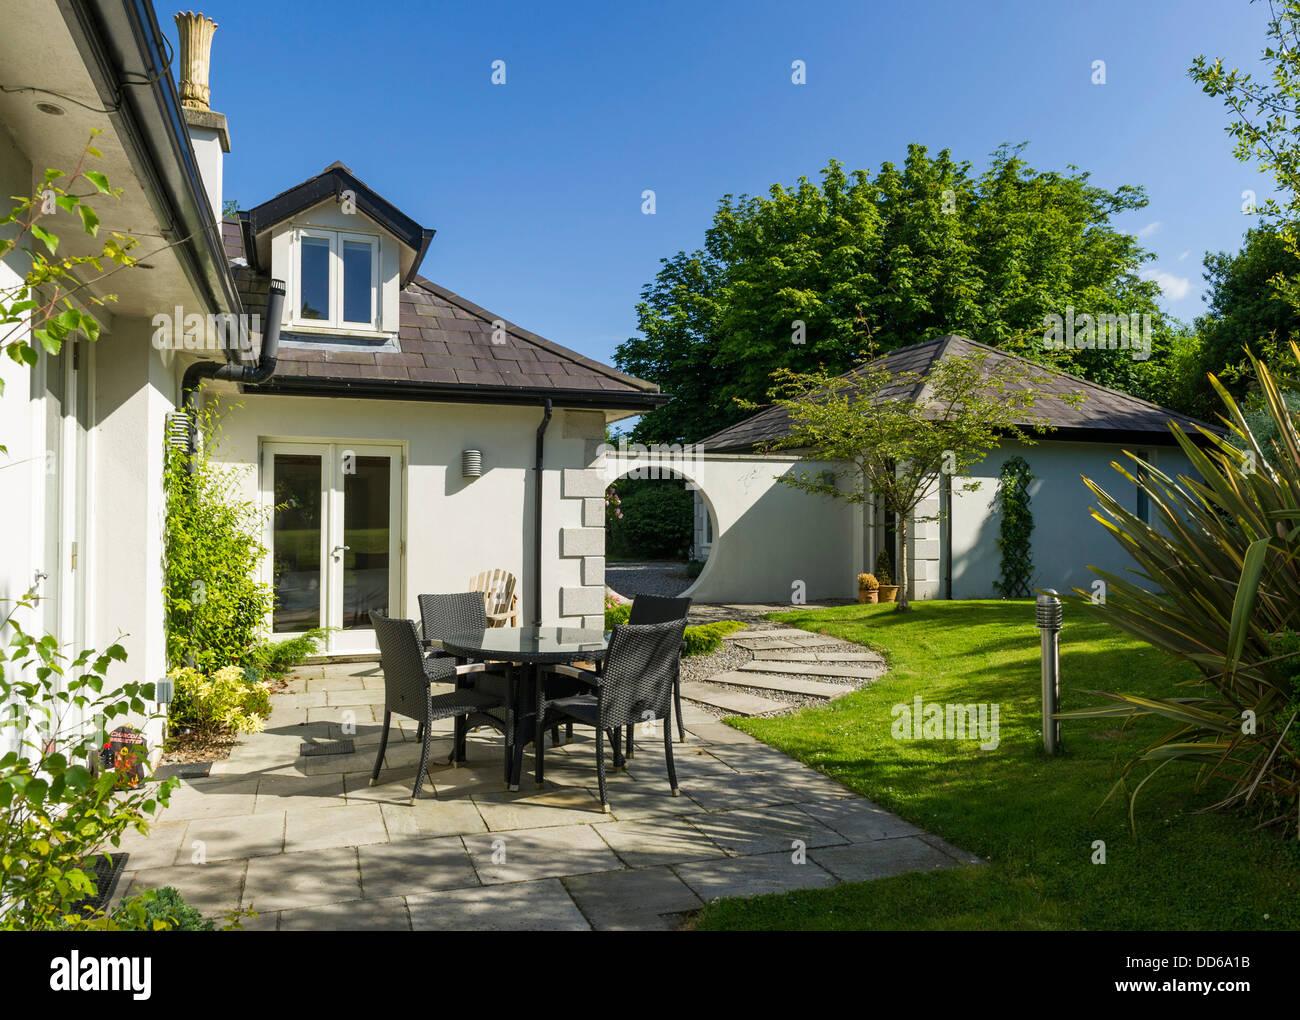 Patio con mesa y sillas en una casa residencial en el verano Imagen De Stock